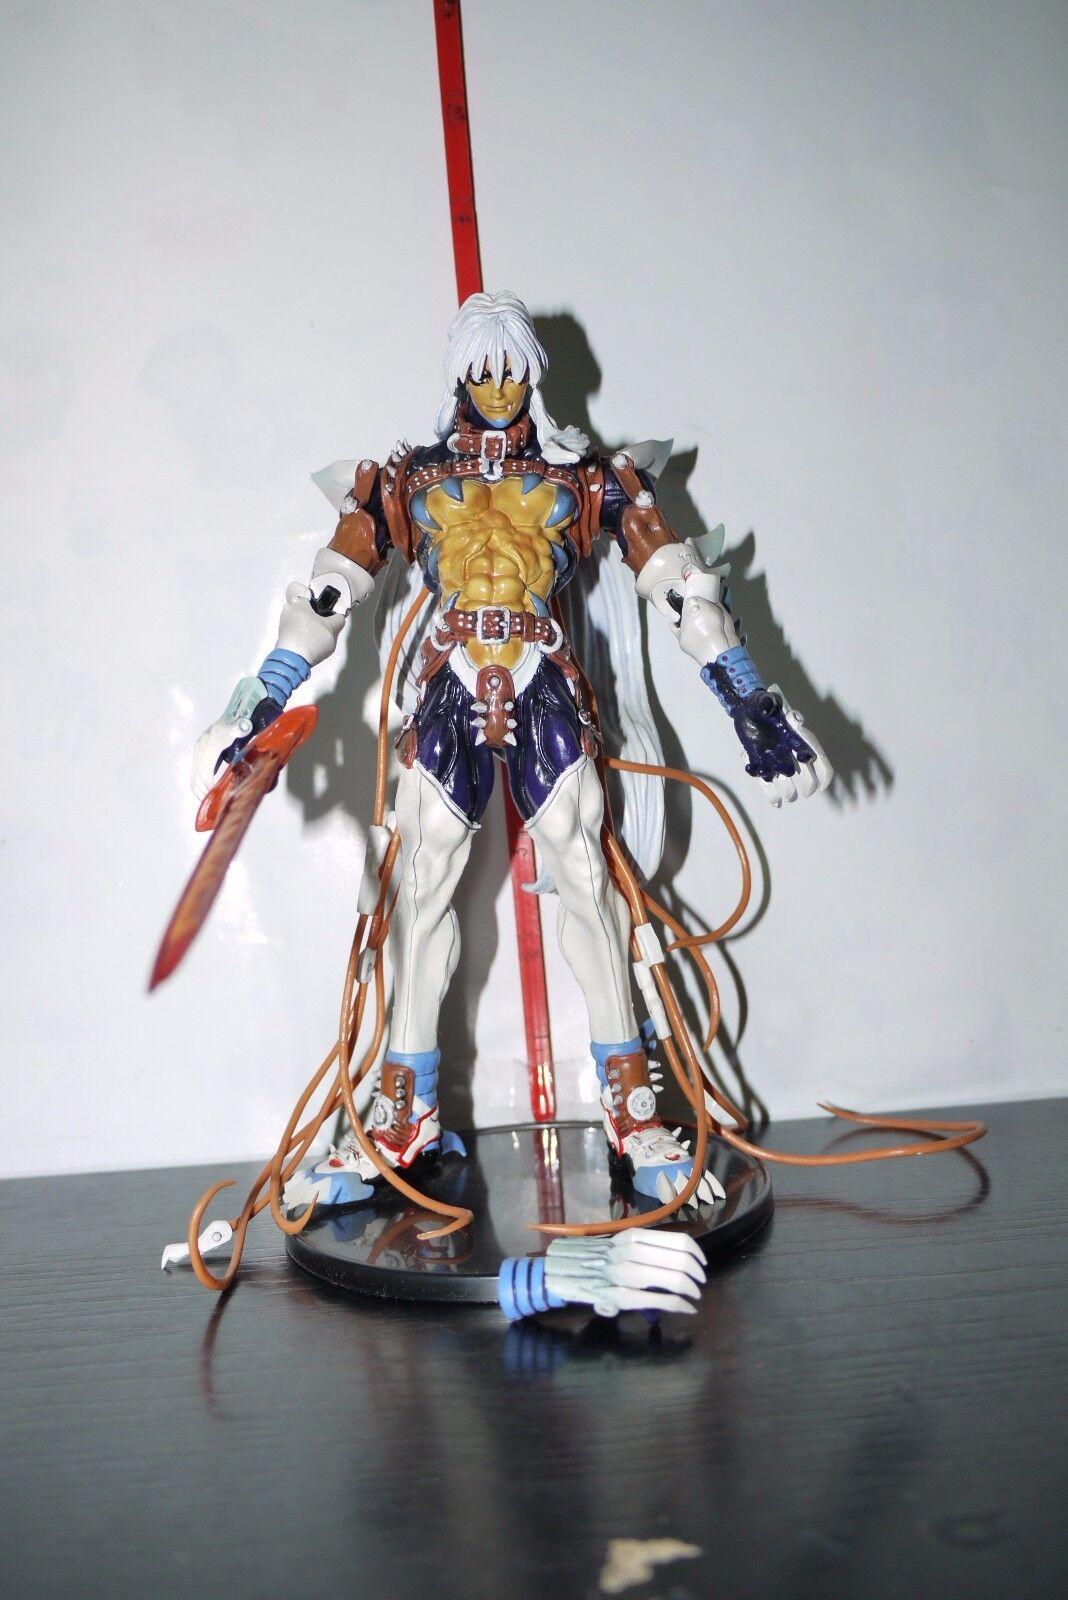 Kotobukiya artfx bastard high - end - bild 1 - schneider jugulator sehr dunkel.